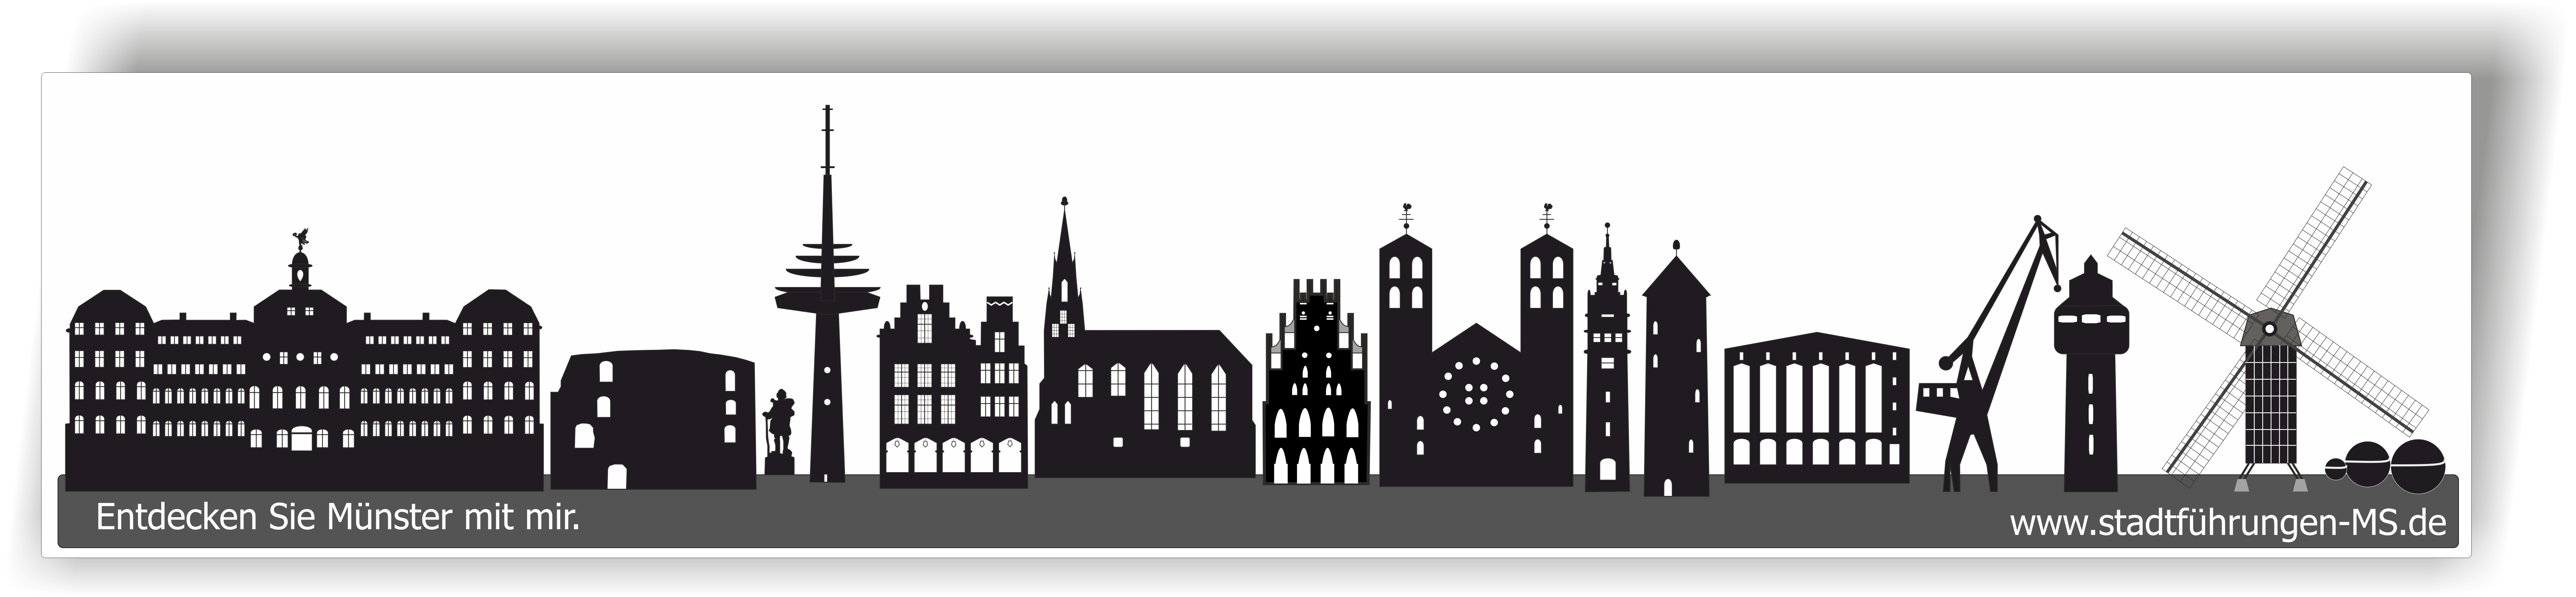 Münster-Silhouette_Dipl. Ing. Klaus Küper_2021